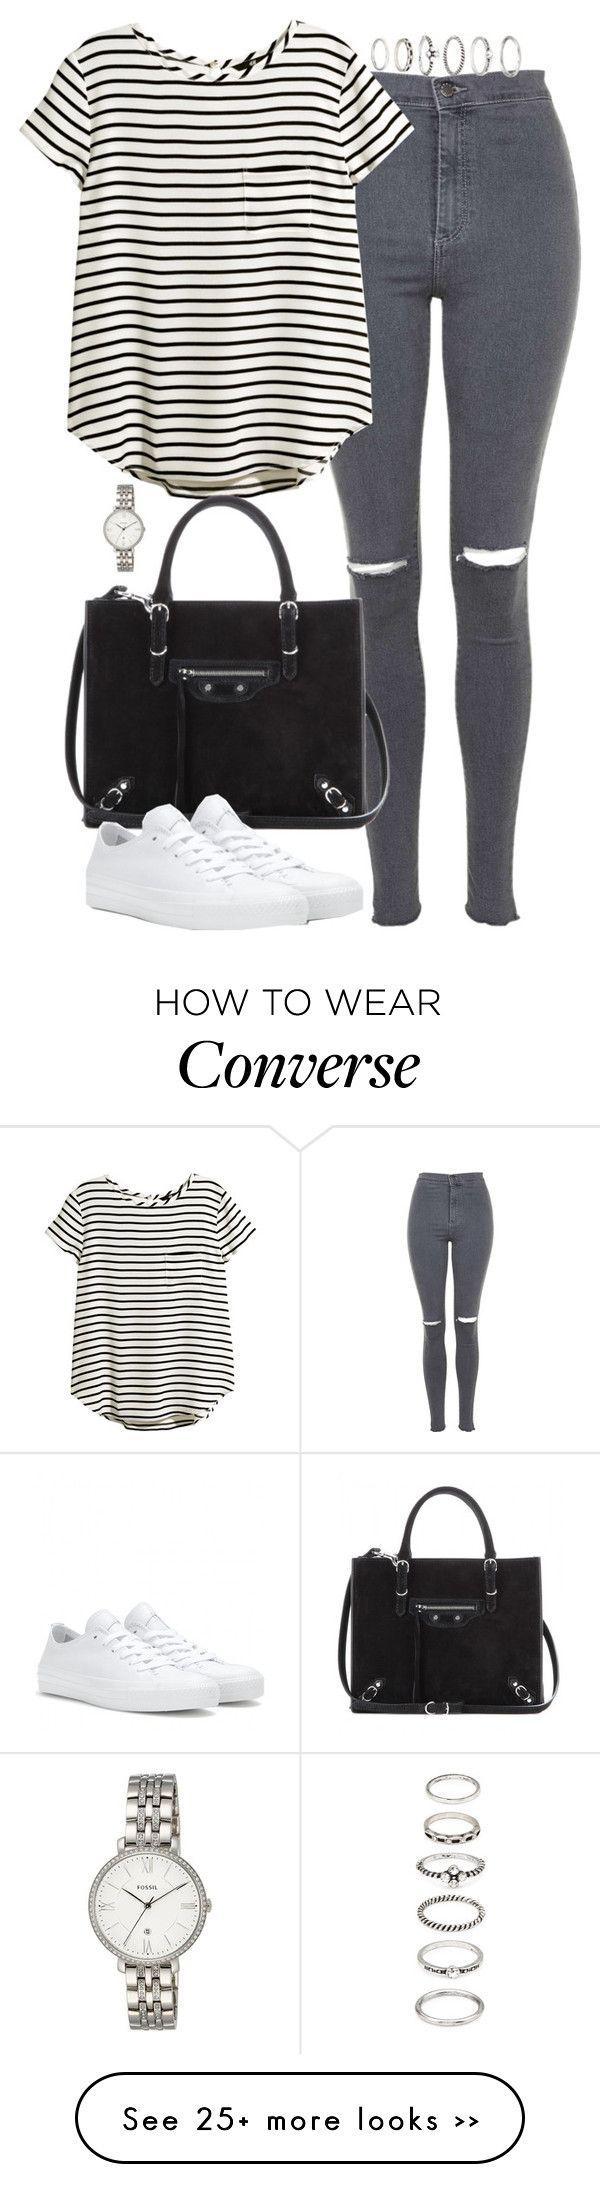 Estos son los pantalones vaqueros y una camisa a rayas, me gustaría llevar esto a la escuela. Los pantalones vaqueros son de color gris y la camisa es de color blanco y negro. Me gusta el estilo, ya que se ve cómodo.